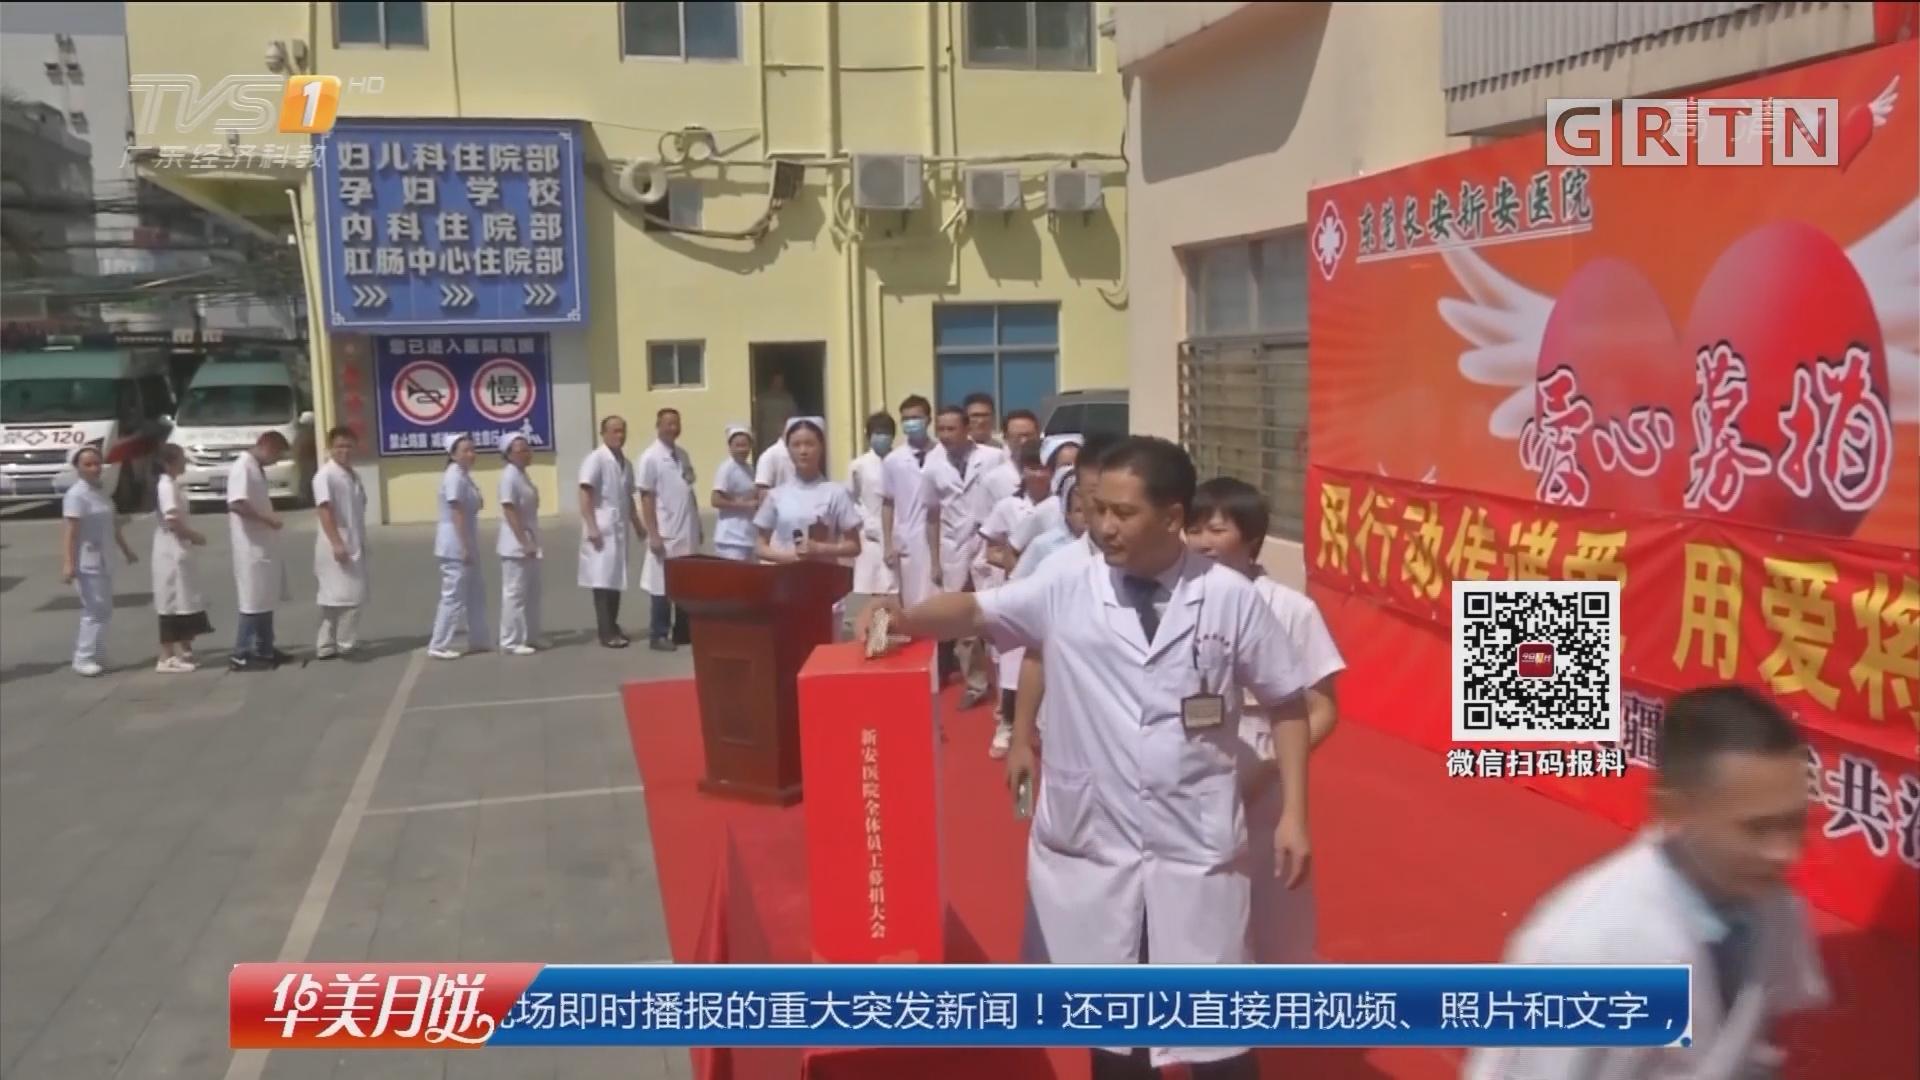 东莞长安:工人昏迷入院 医护人员捐上万善款